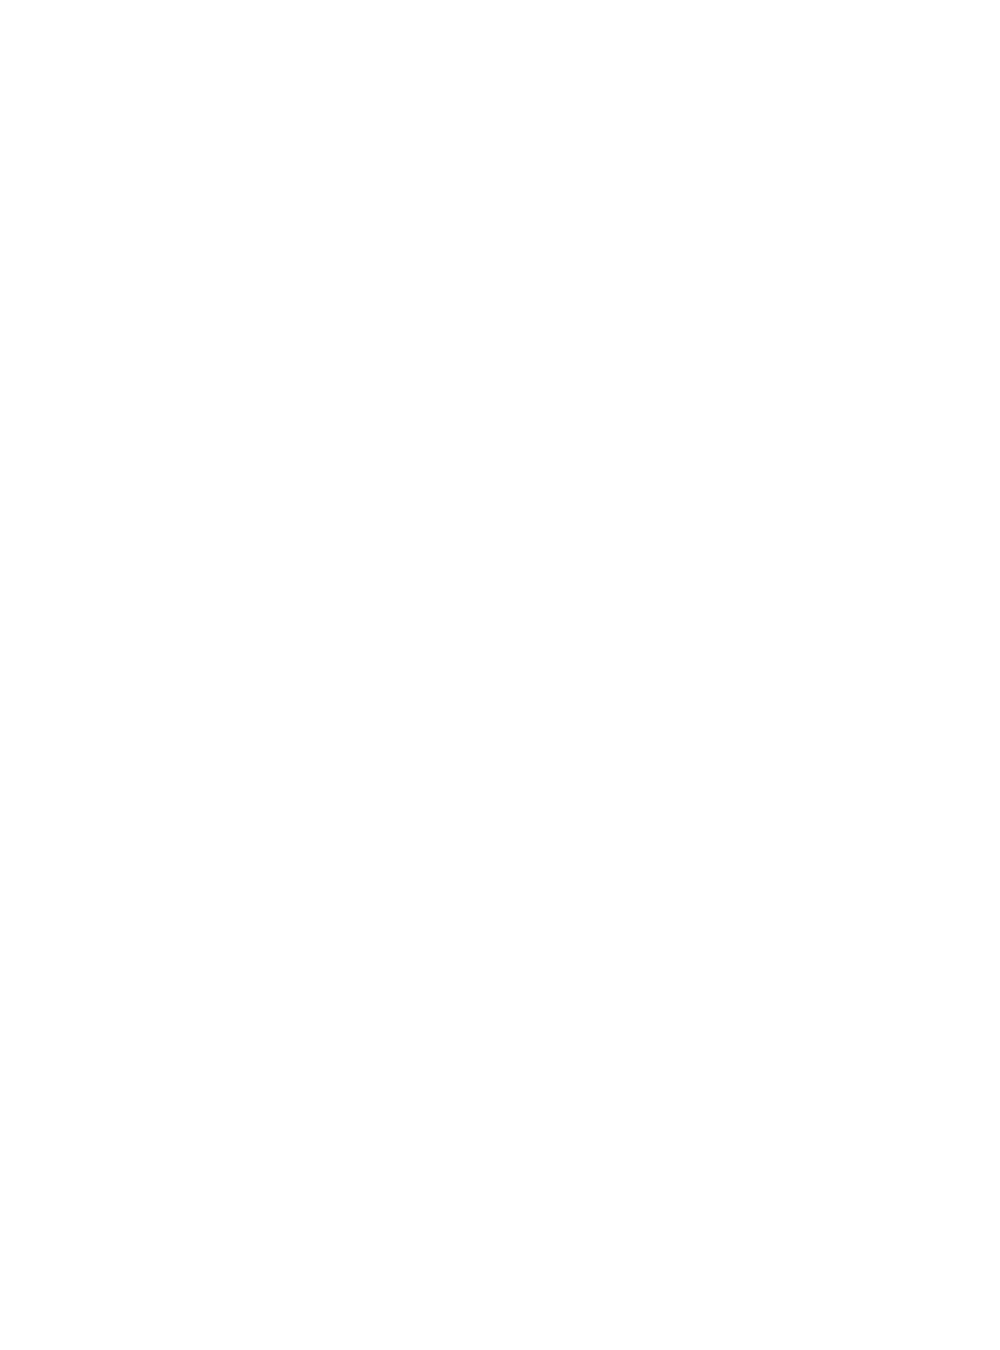 Rick Yancey, Die fünfte Welle - Band 01